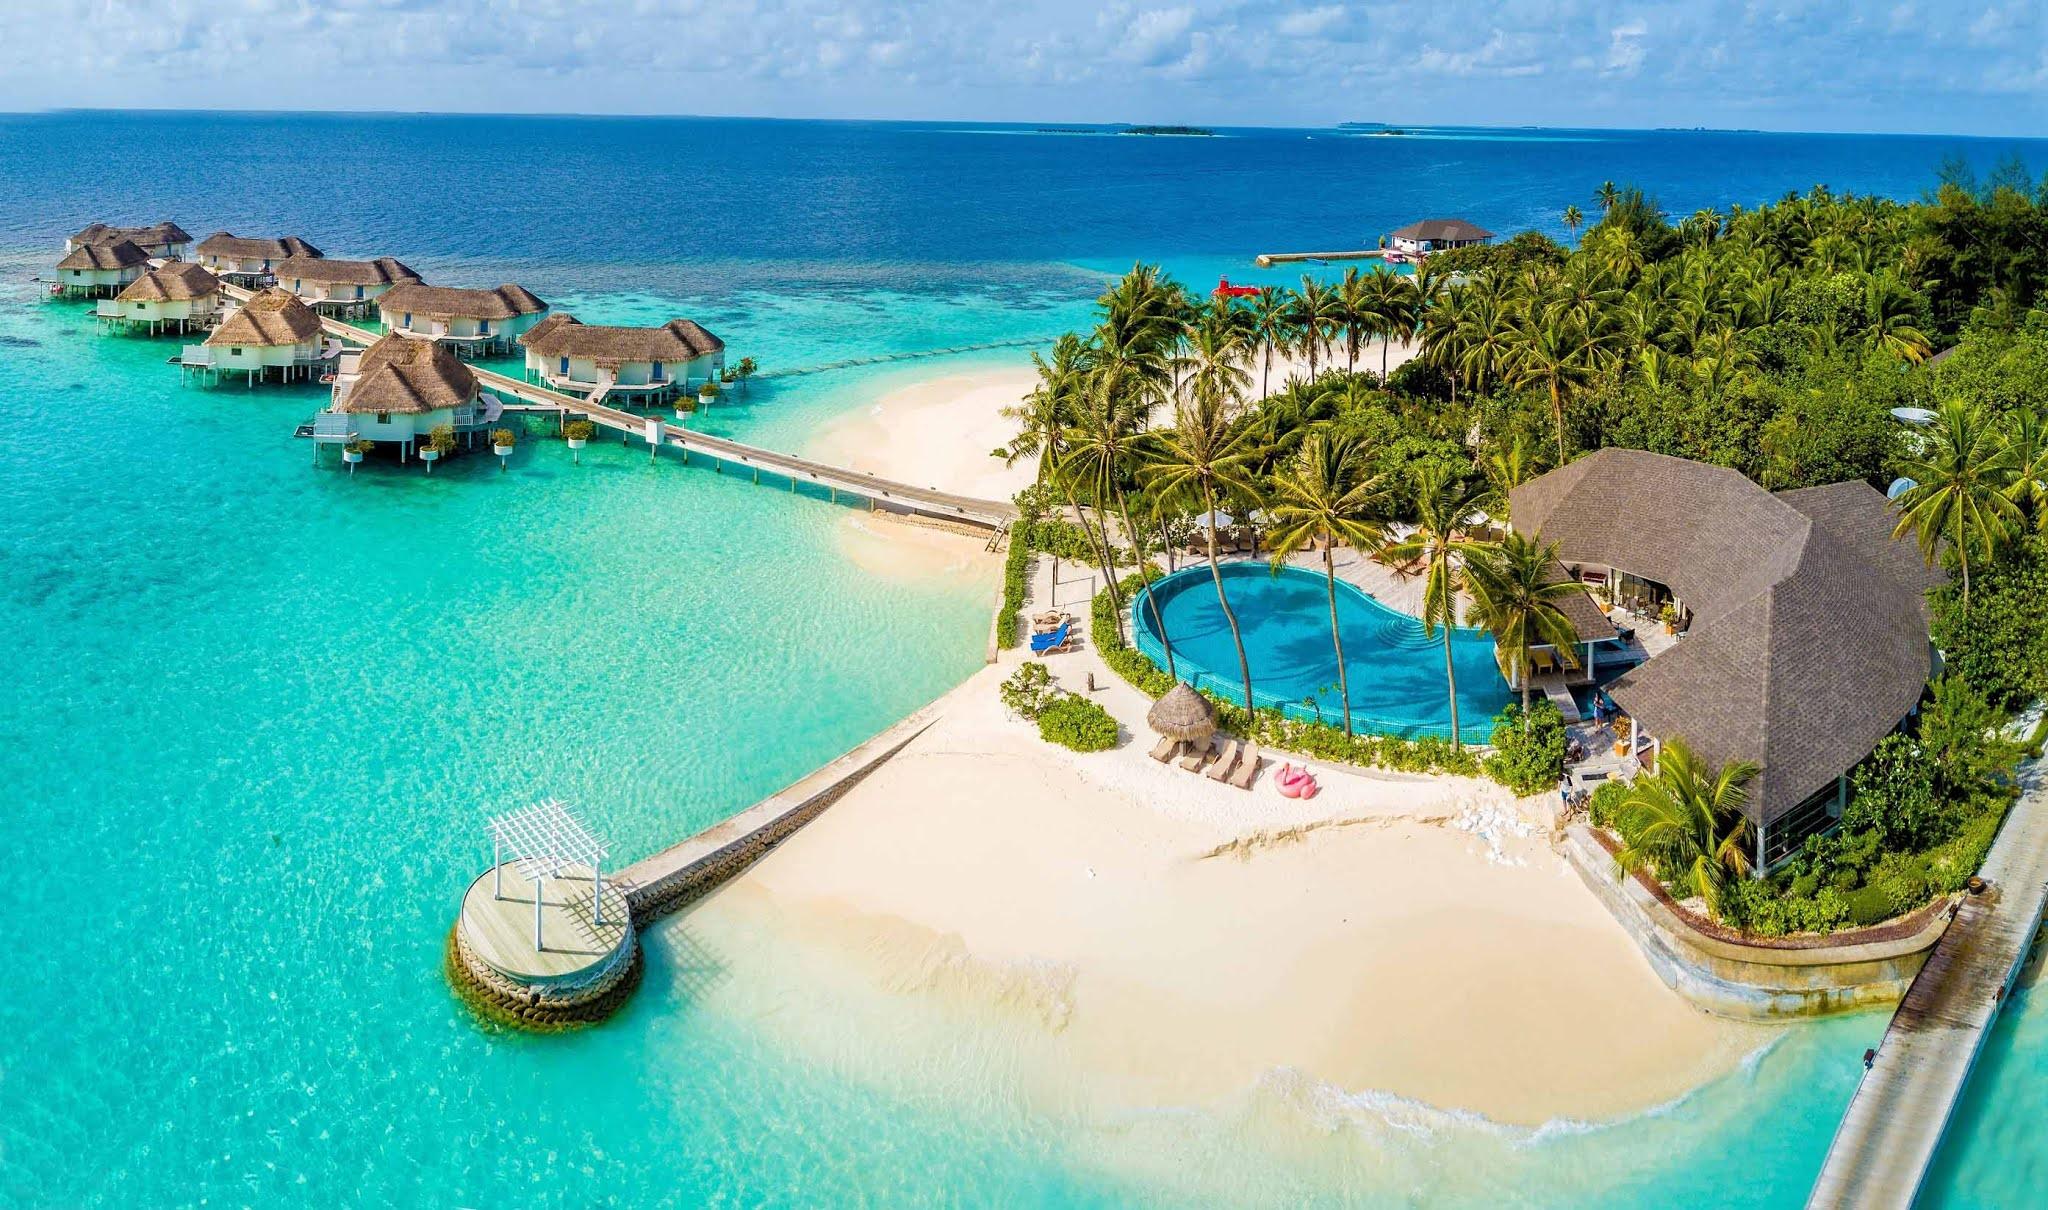 Отель Centara Grand Island Resort & Spa на Мальдивах